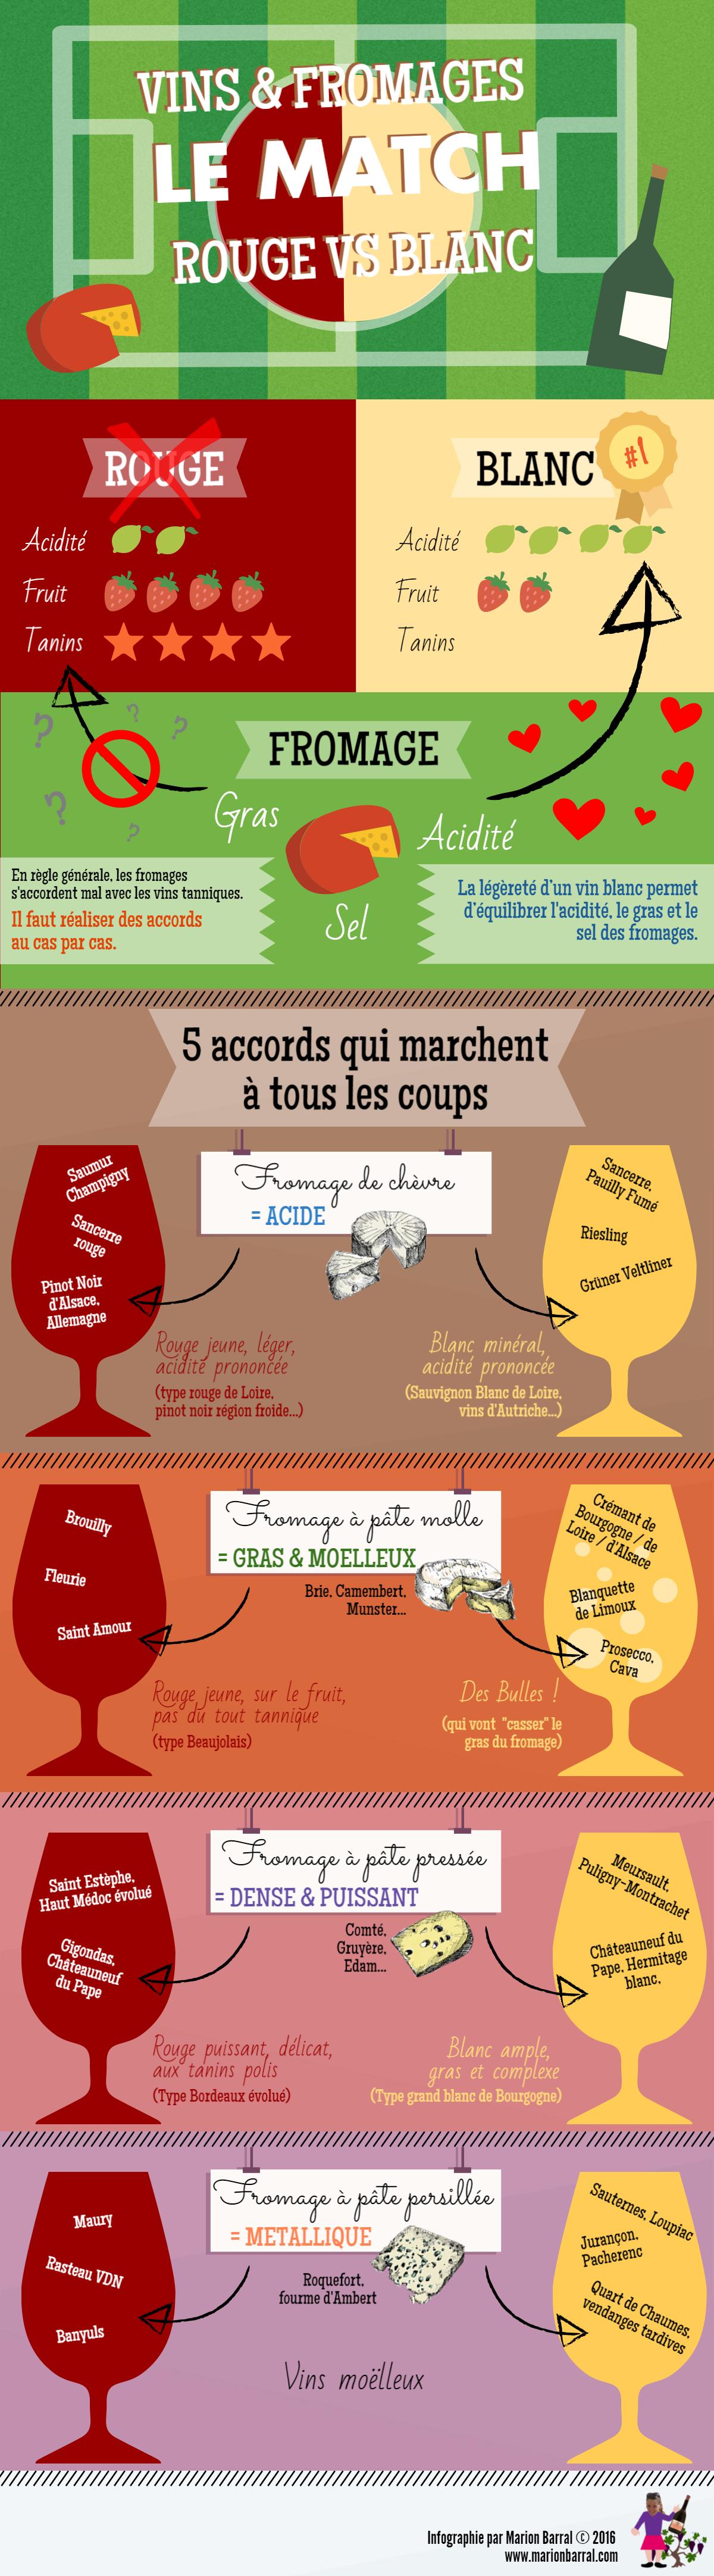 infographie sur les accords vins et fromages : le match rouge vs blanc